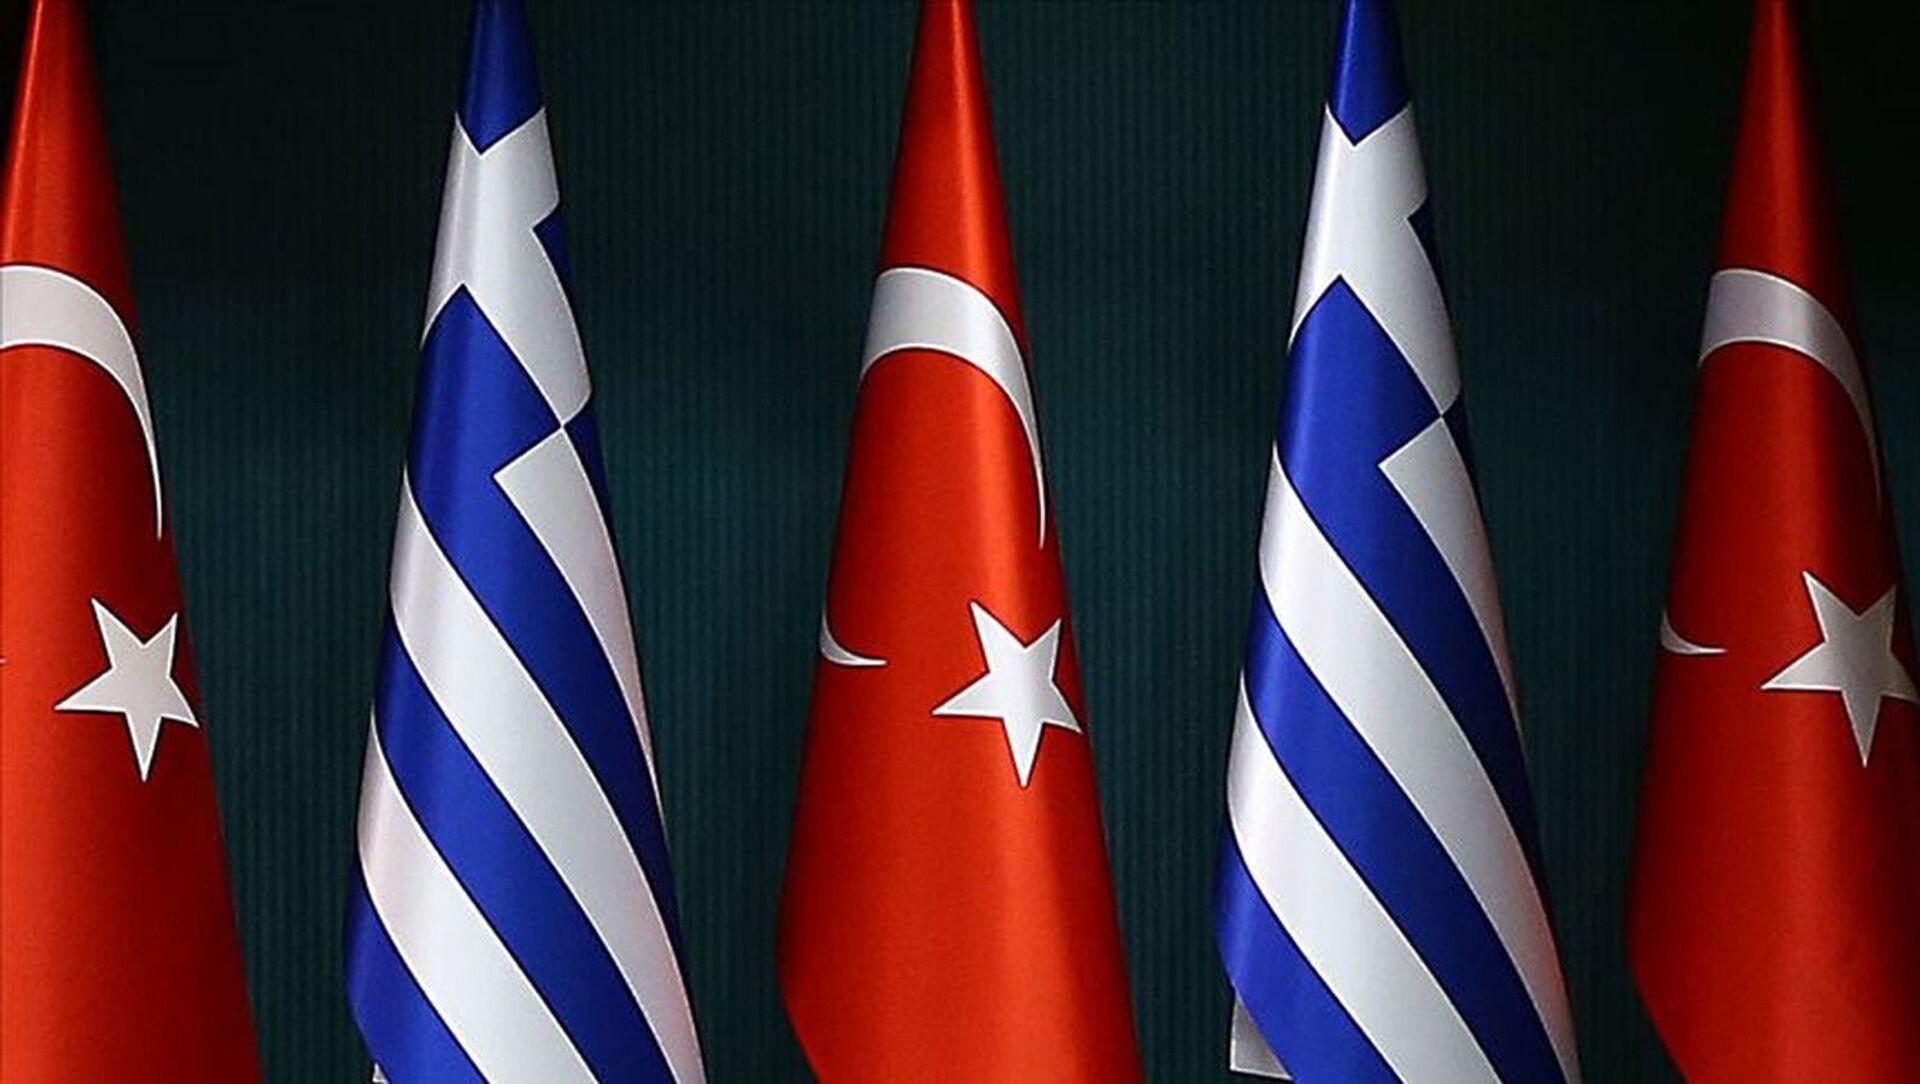 Türkiye Yunanistan bayrakları - Sputnik Türkiye, 1920, 01.08.2021